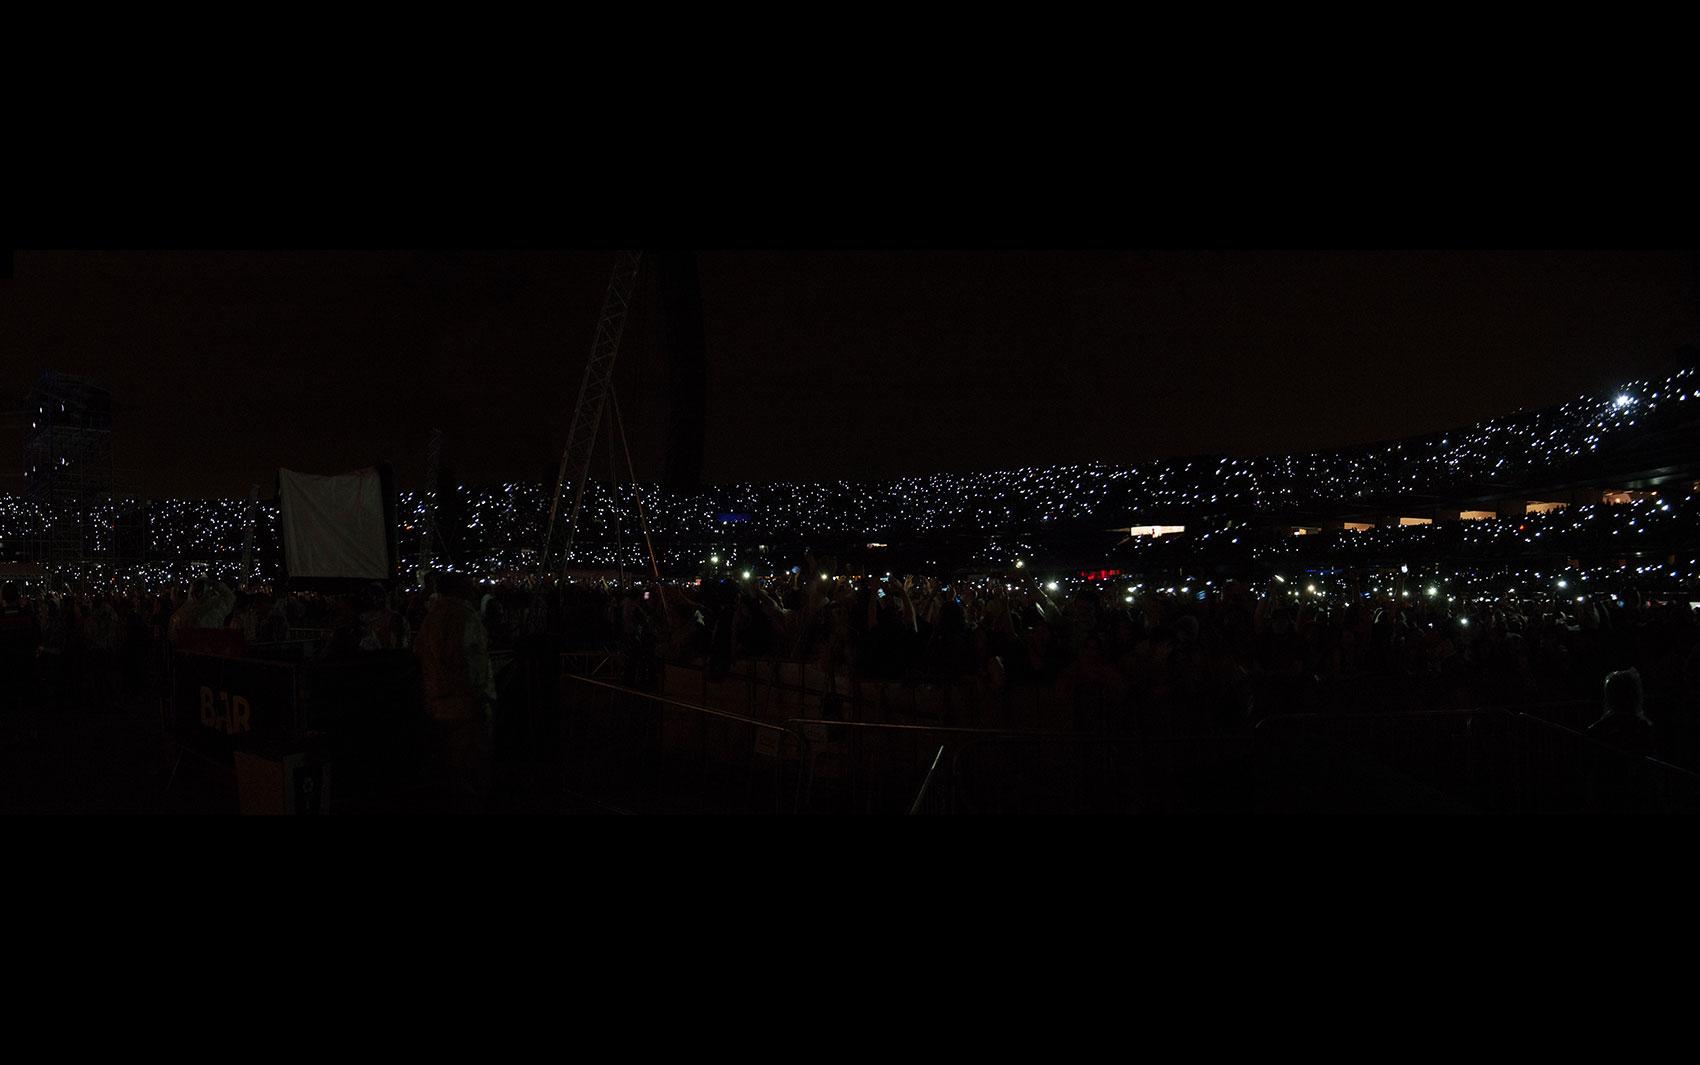 Quando Jon Bon Jovi pediu que a plateia usasse a luz de seus celulares apontando-os para a frente, o Morumbi ficou iluminado pelos fãs